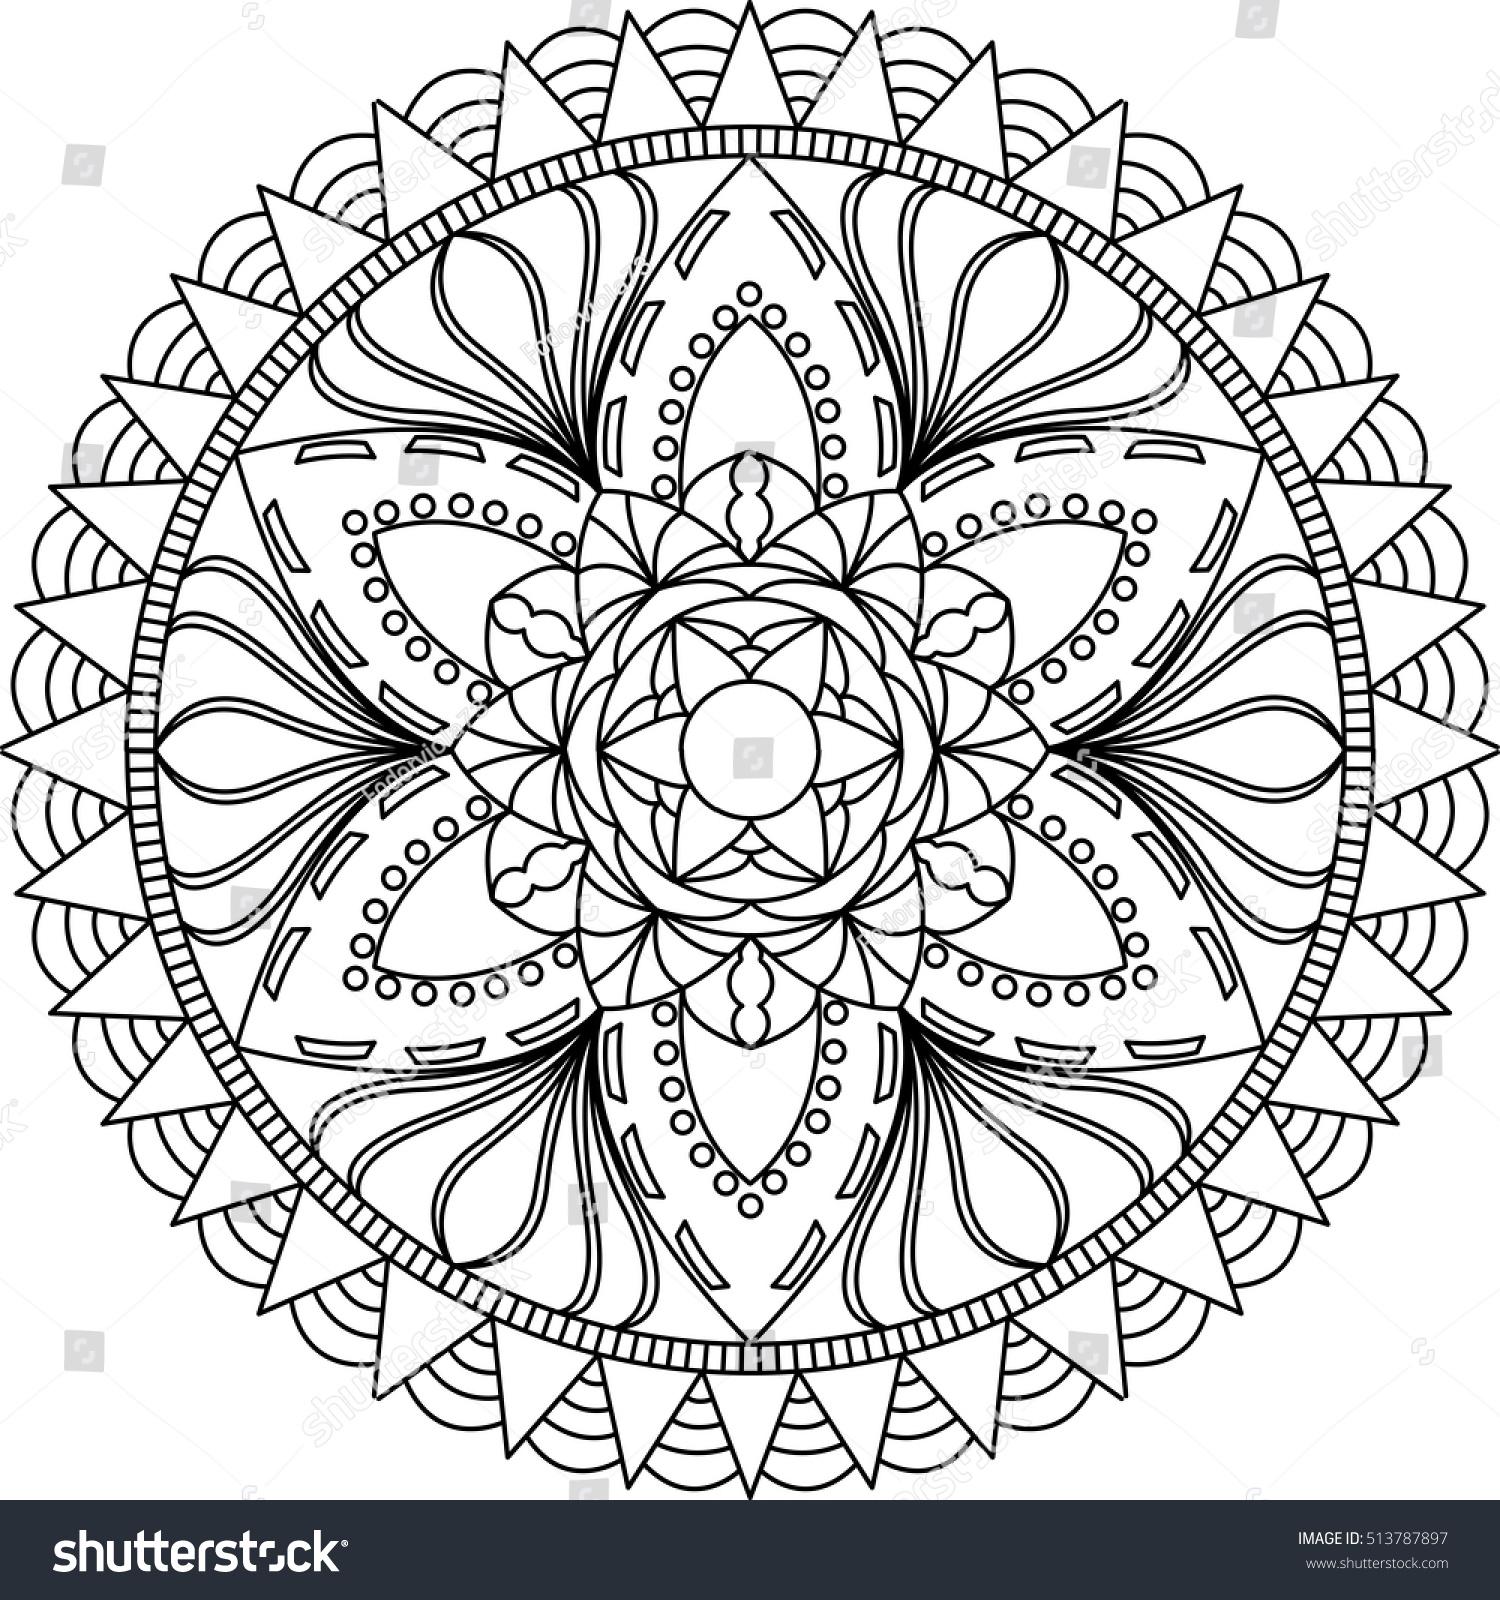 Mandala Coloring Page Mandala Adult Coloring Stock Vector (Royalty ...